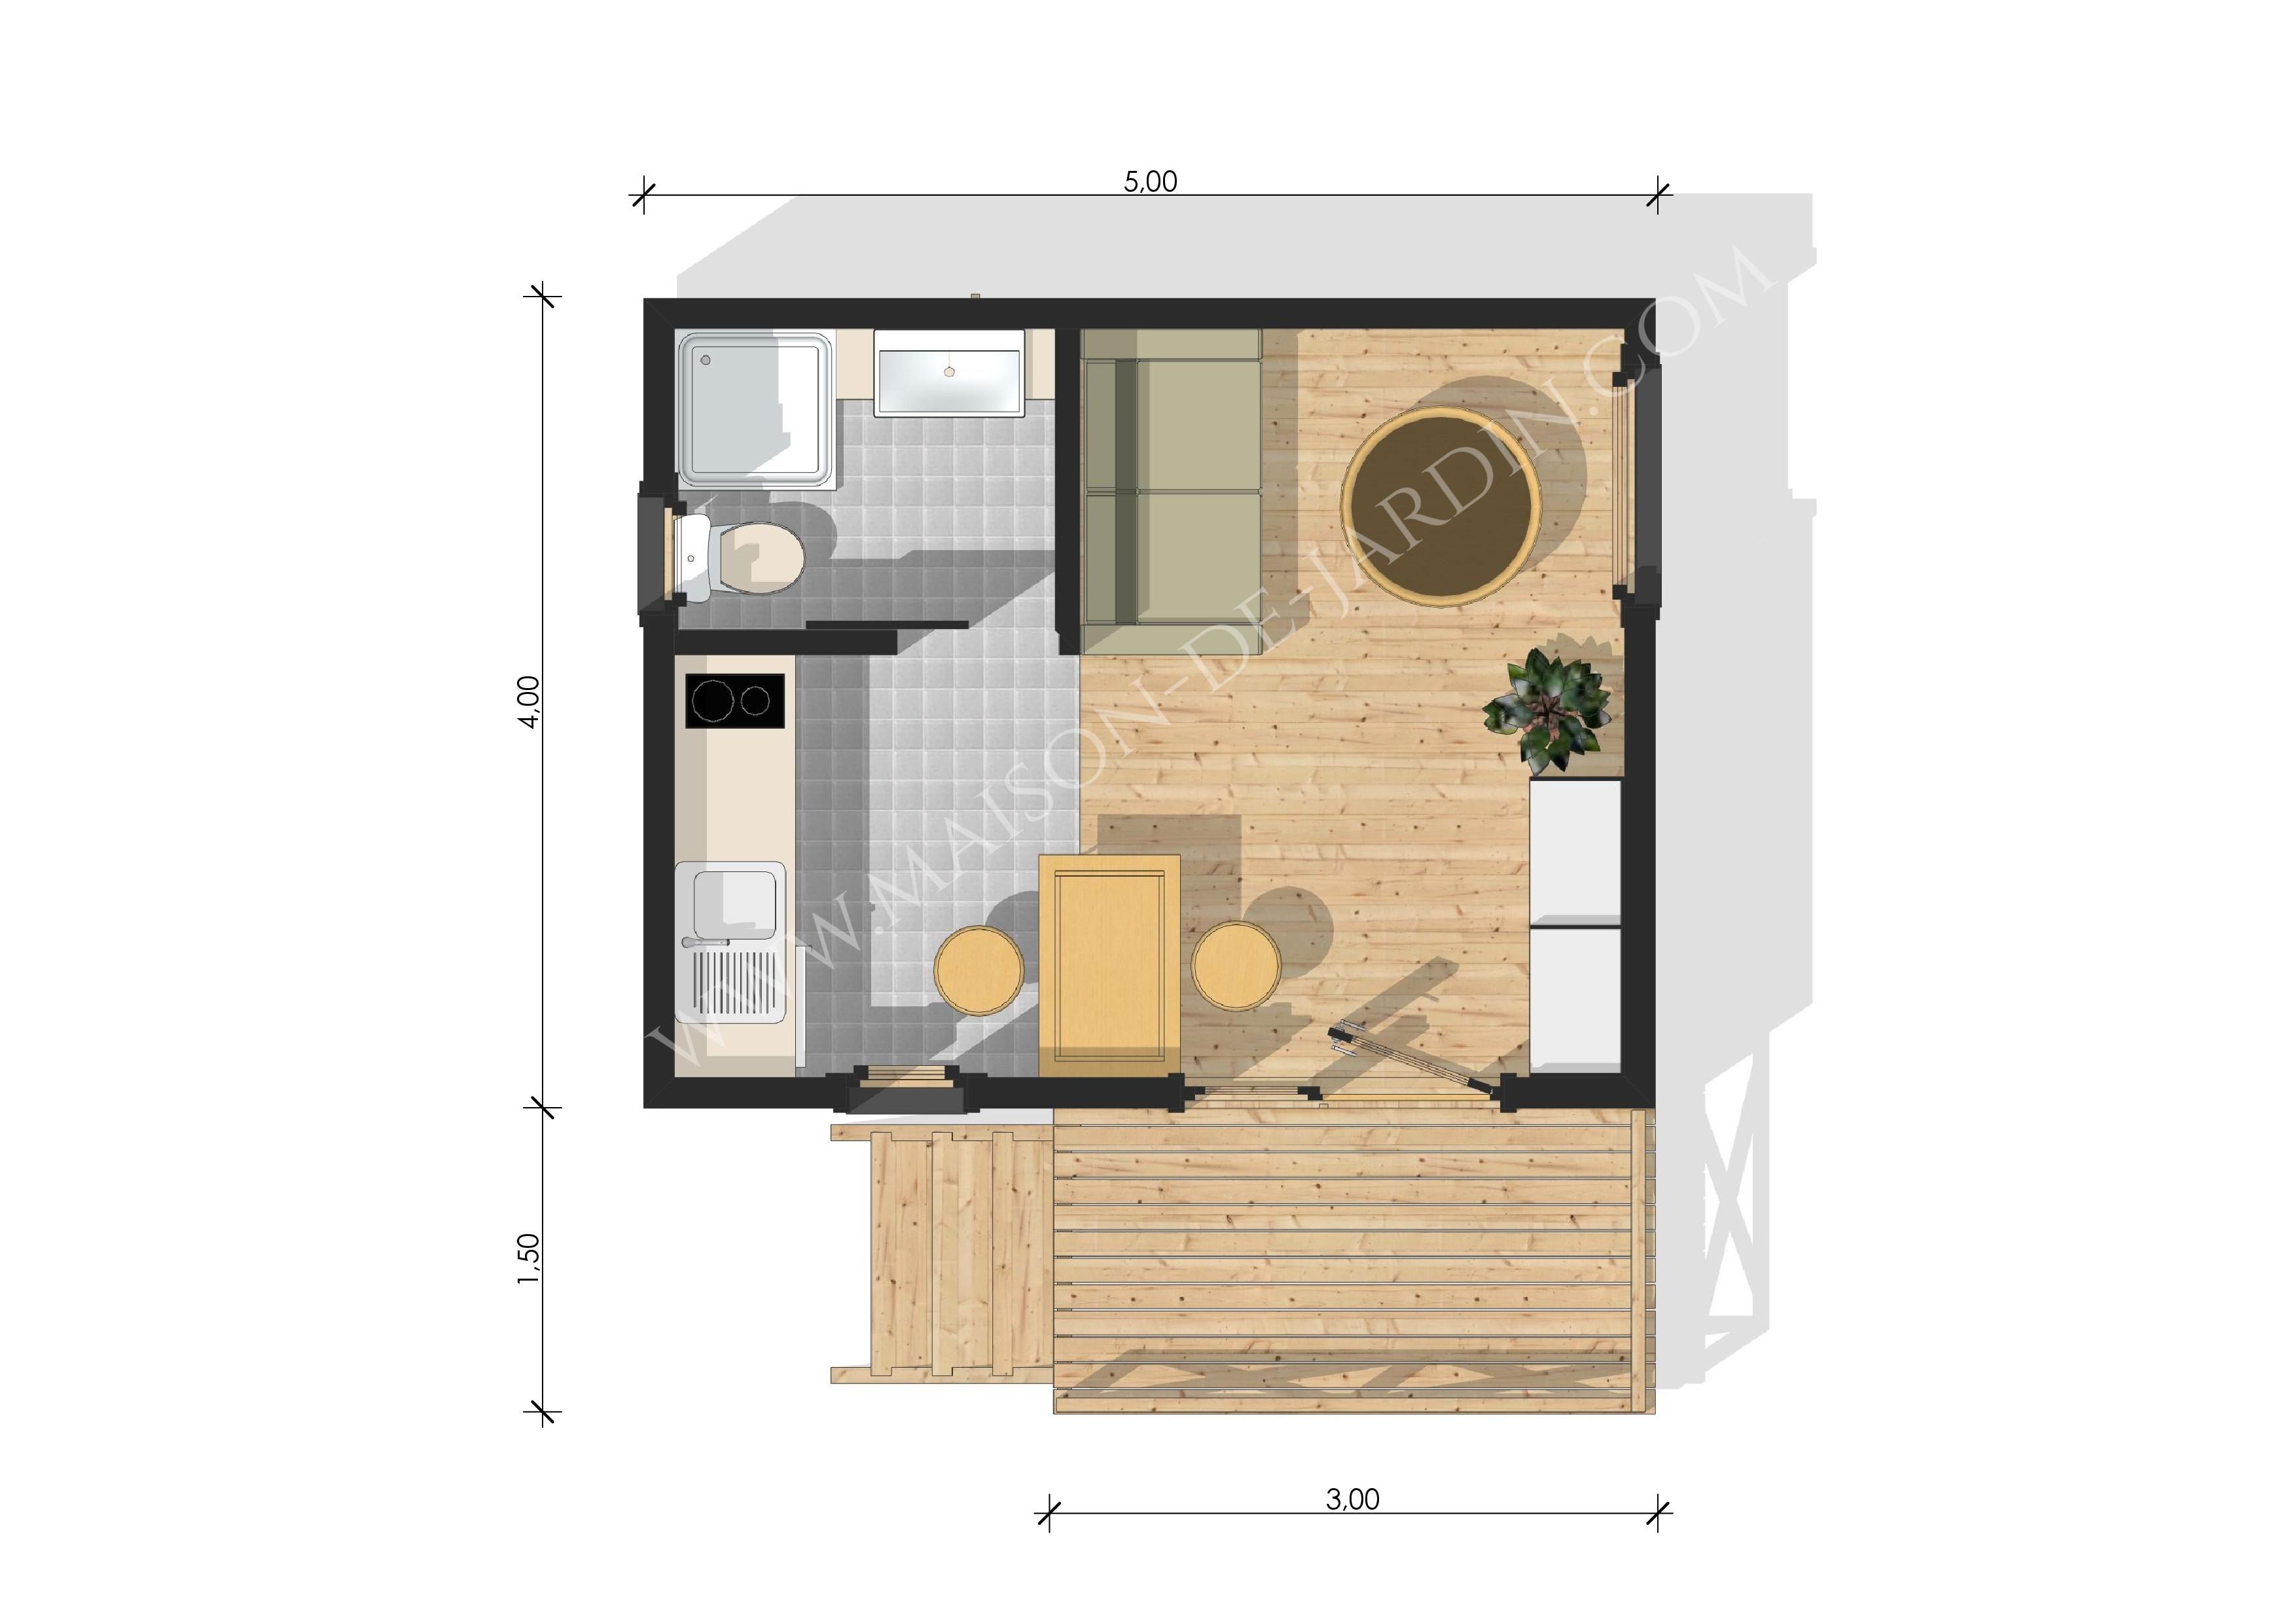 Maison de jardin lyon en bois for Maison de jardin bois